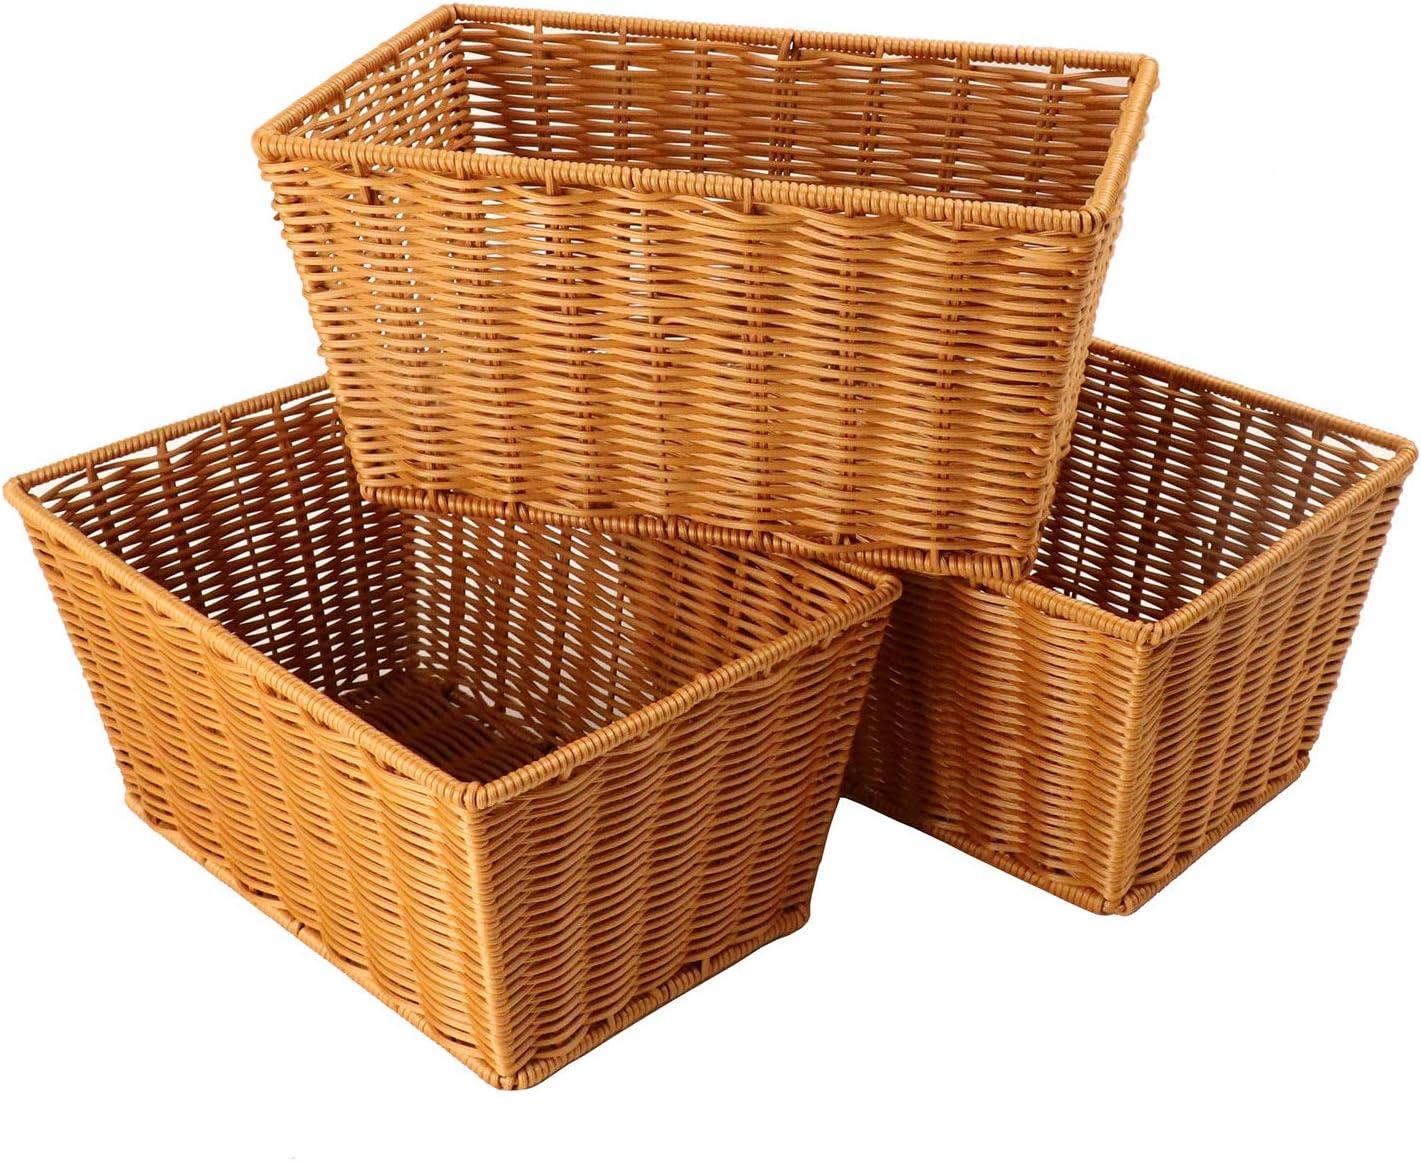 Grandtobuy 3 paquetes de 30 x 20 x 15 cm de mimbre de poliéster cesta de almacenamiento para frutos fritos, alimentos, pan, verduras, libro para organizar cesta de almacenamiento